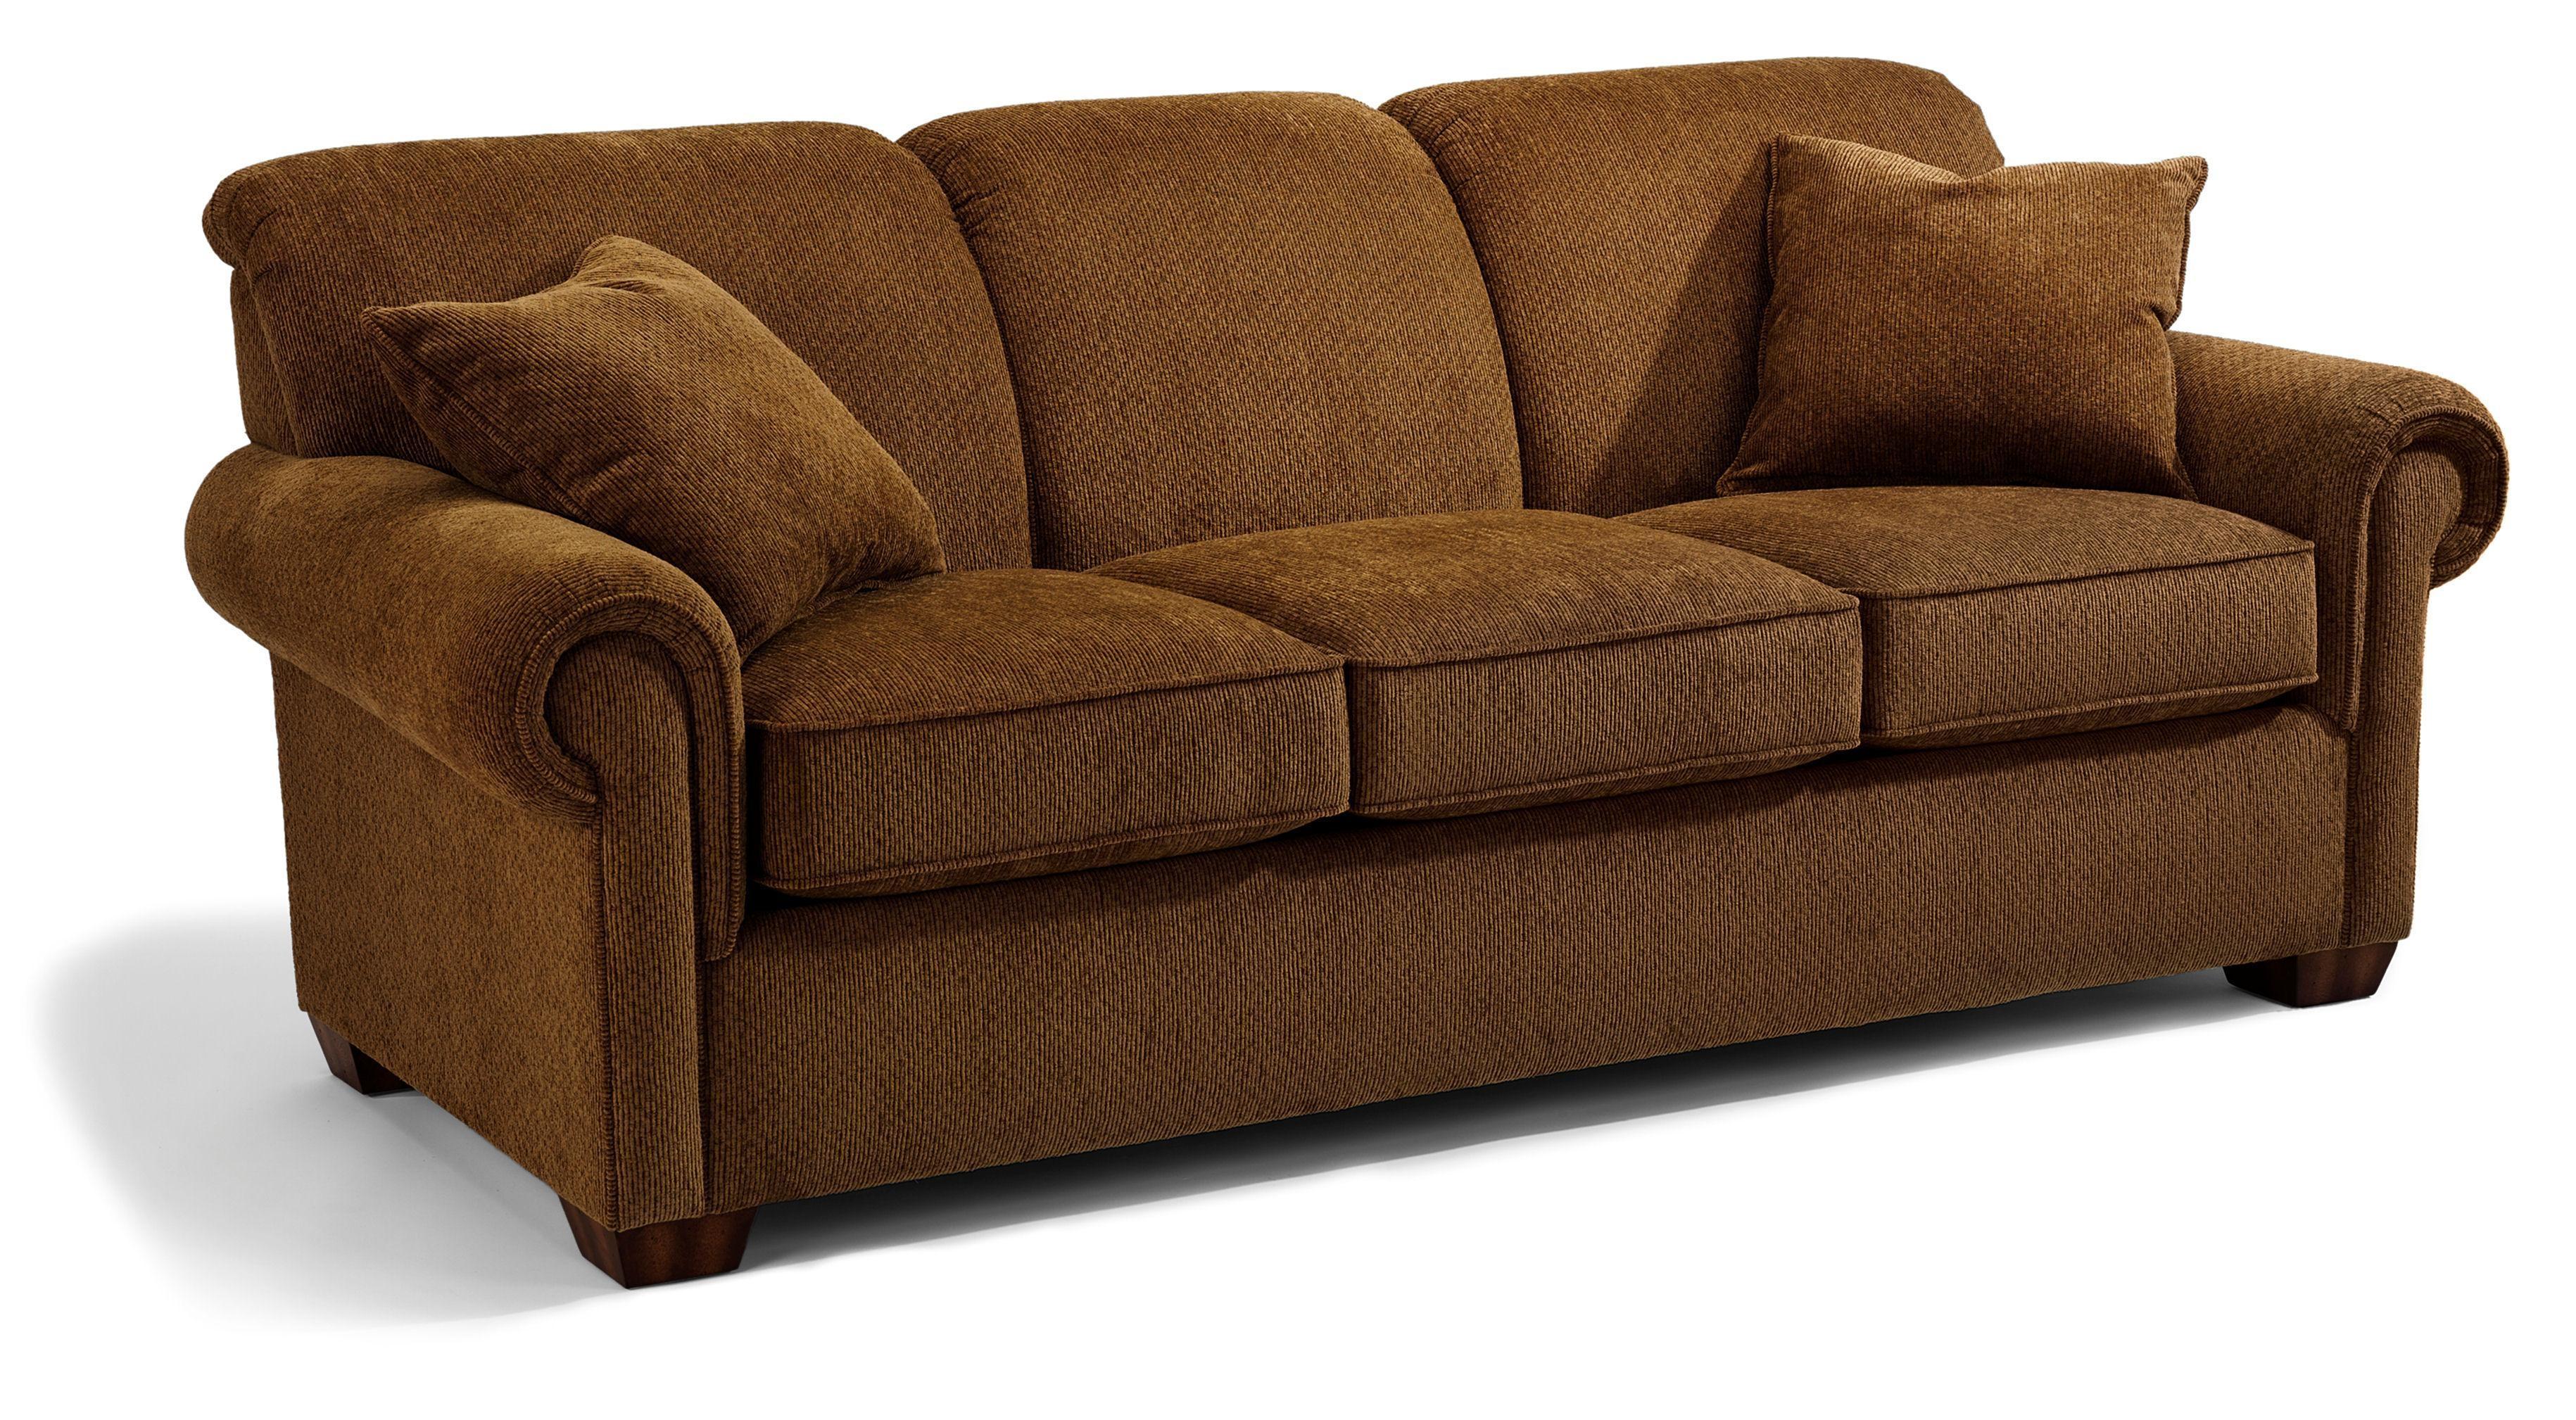 Flexsteel Main Street Rolled Arm Queen Sofa Sleeper – Dunk For Sofa Beds Queen (Image